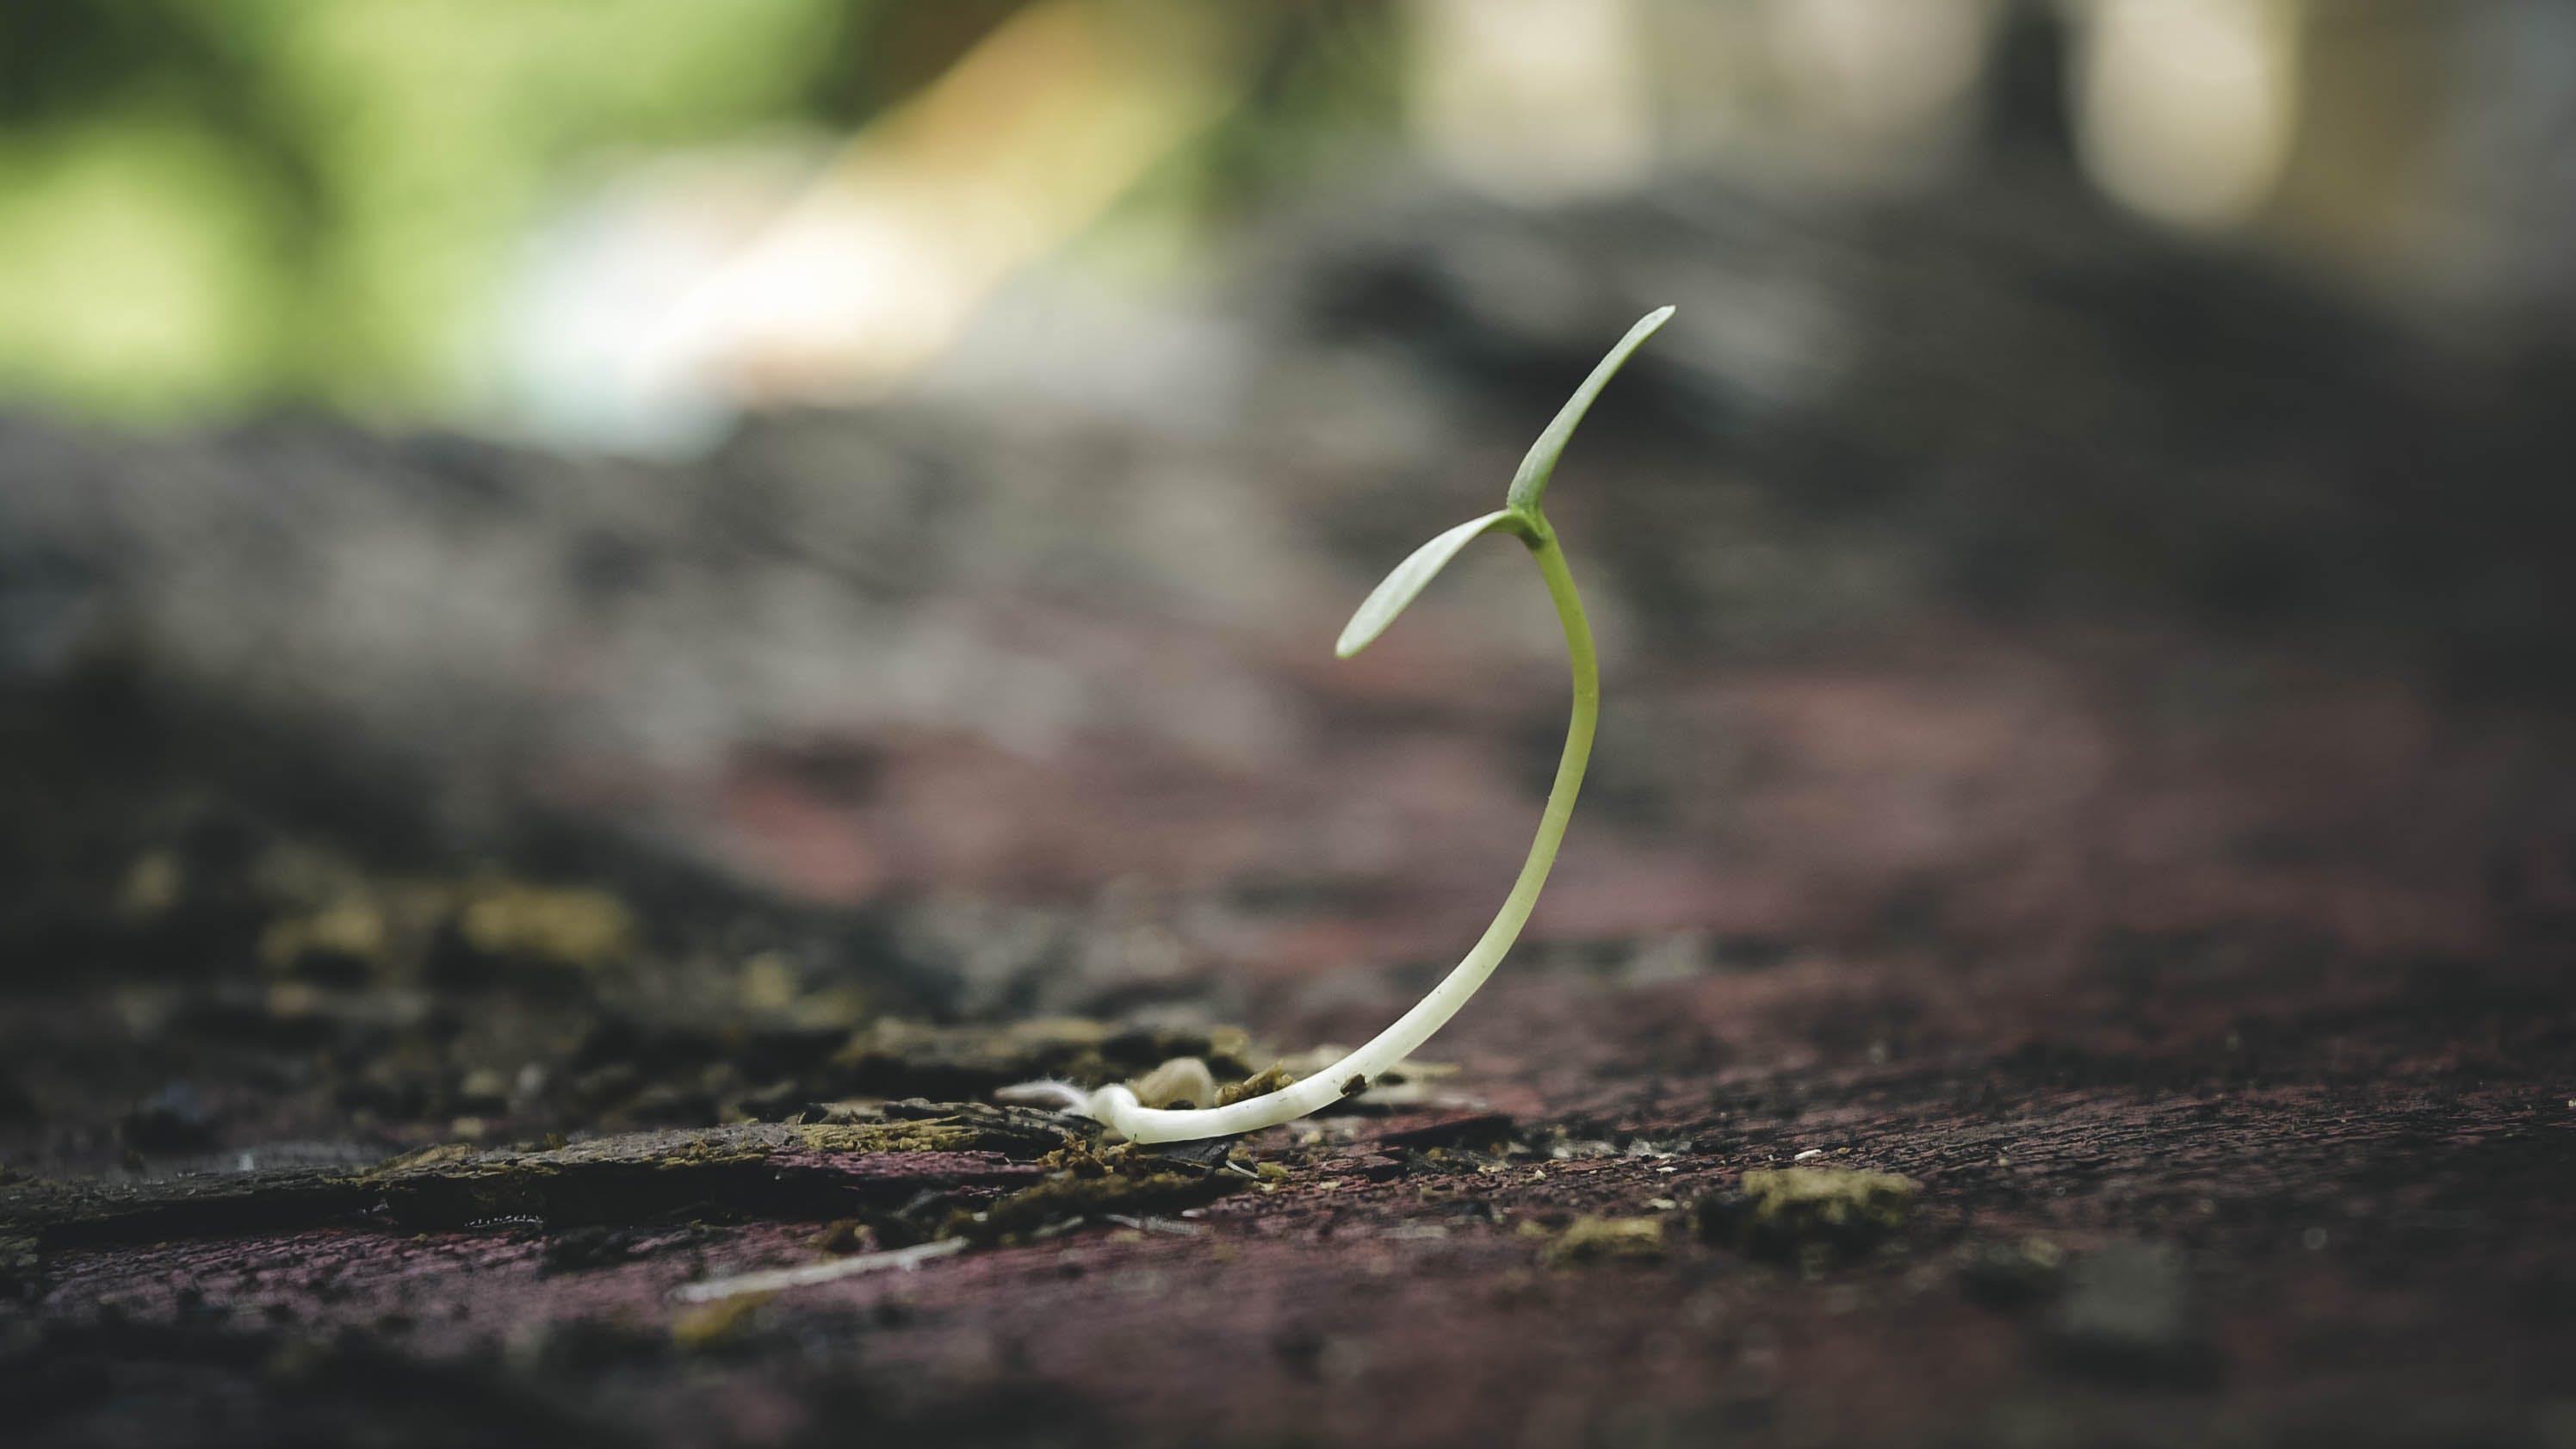 Kostenloses Stock Foto zu pflanze, verschwimmen, boden, wachstum